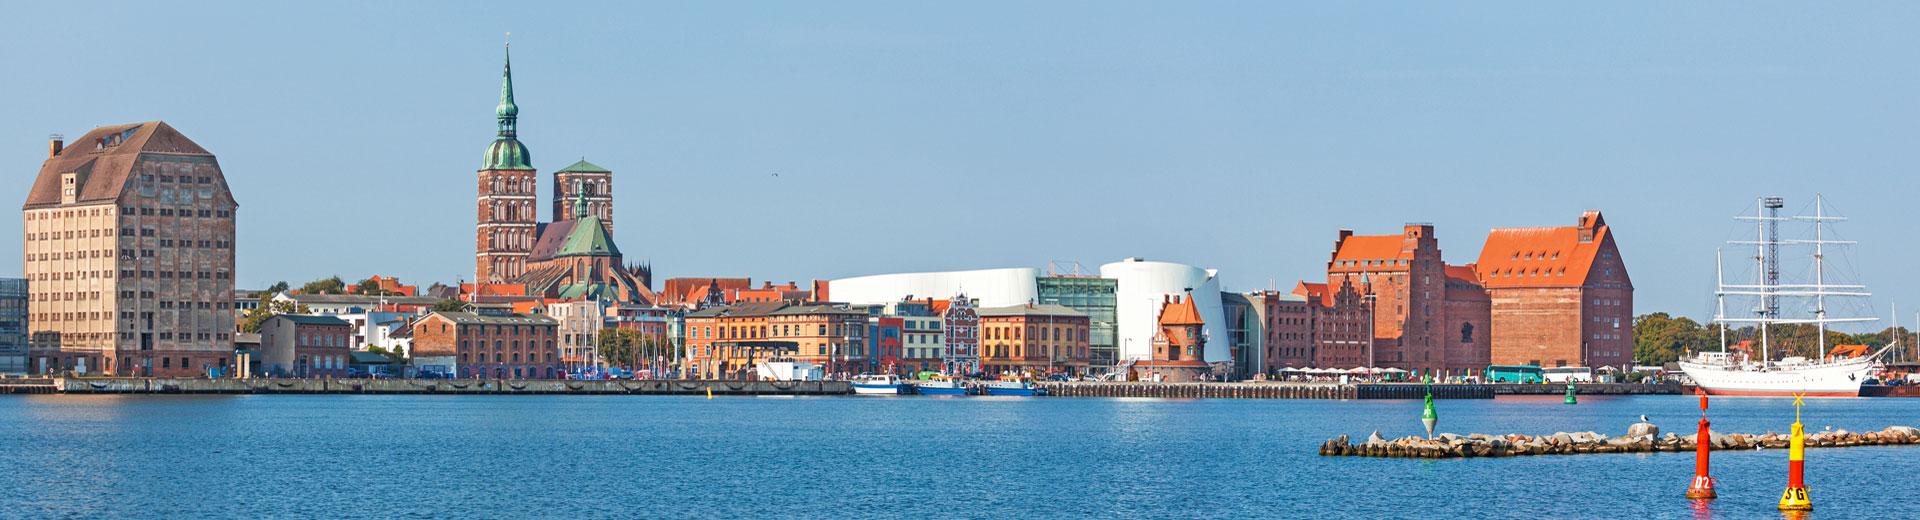 Städtereise Stralsund